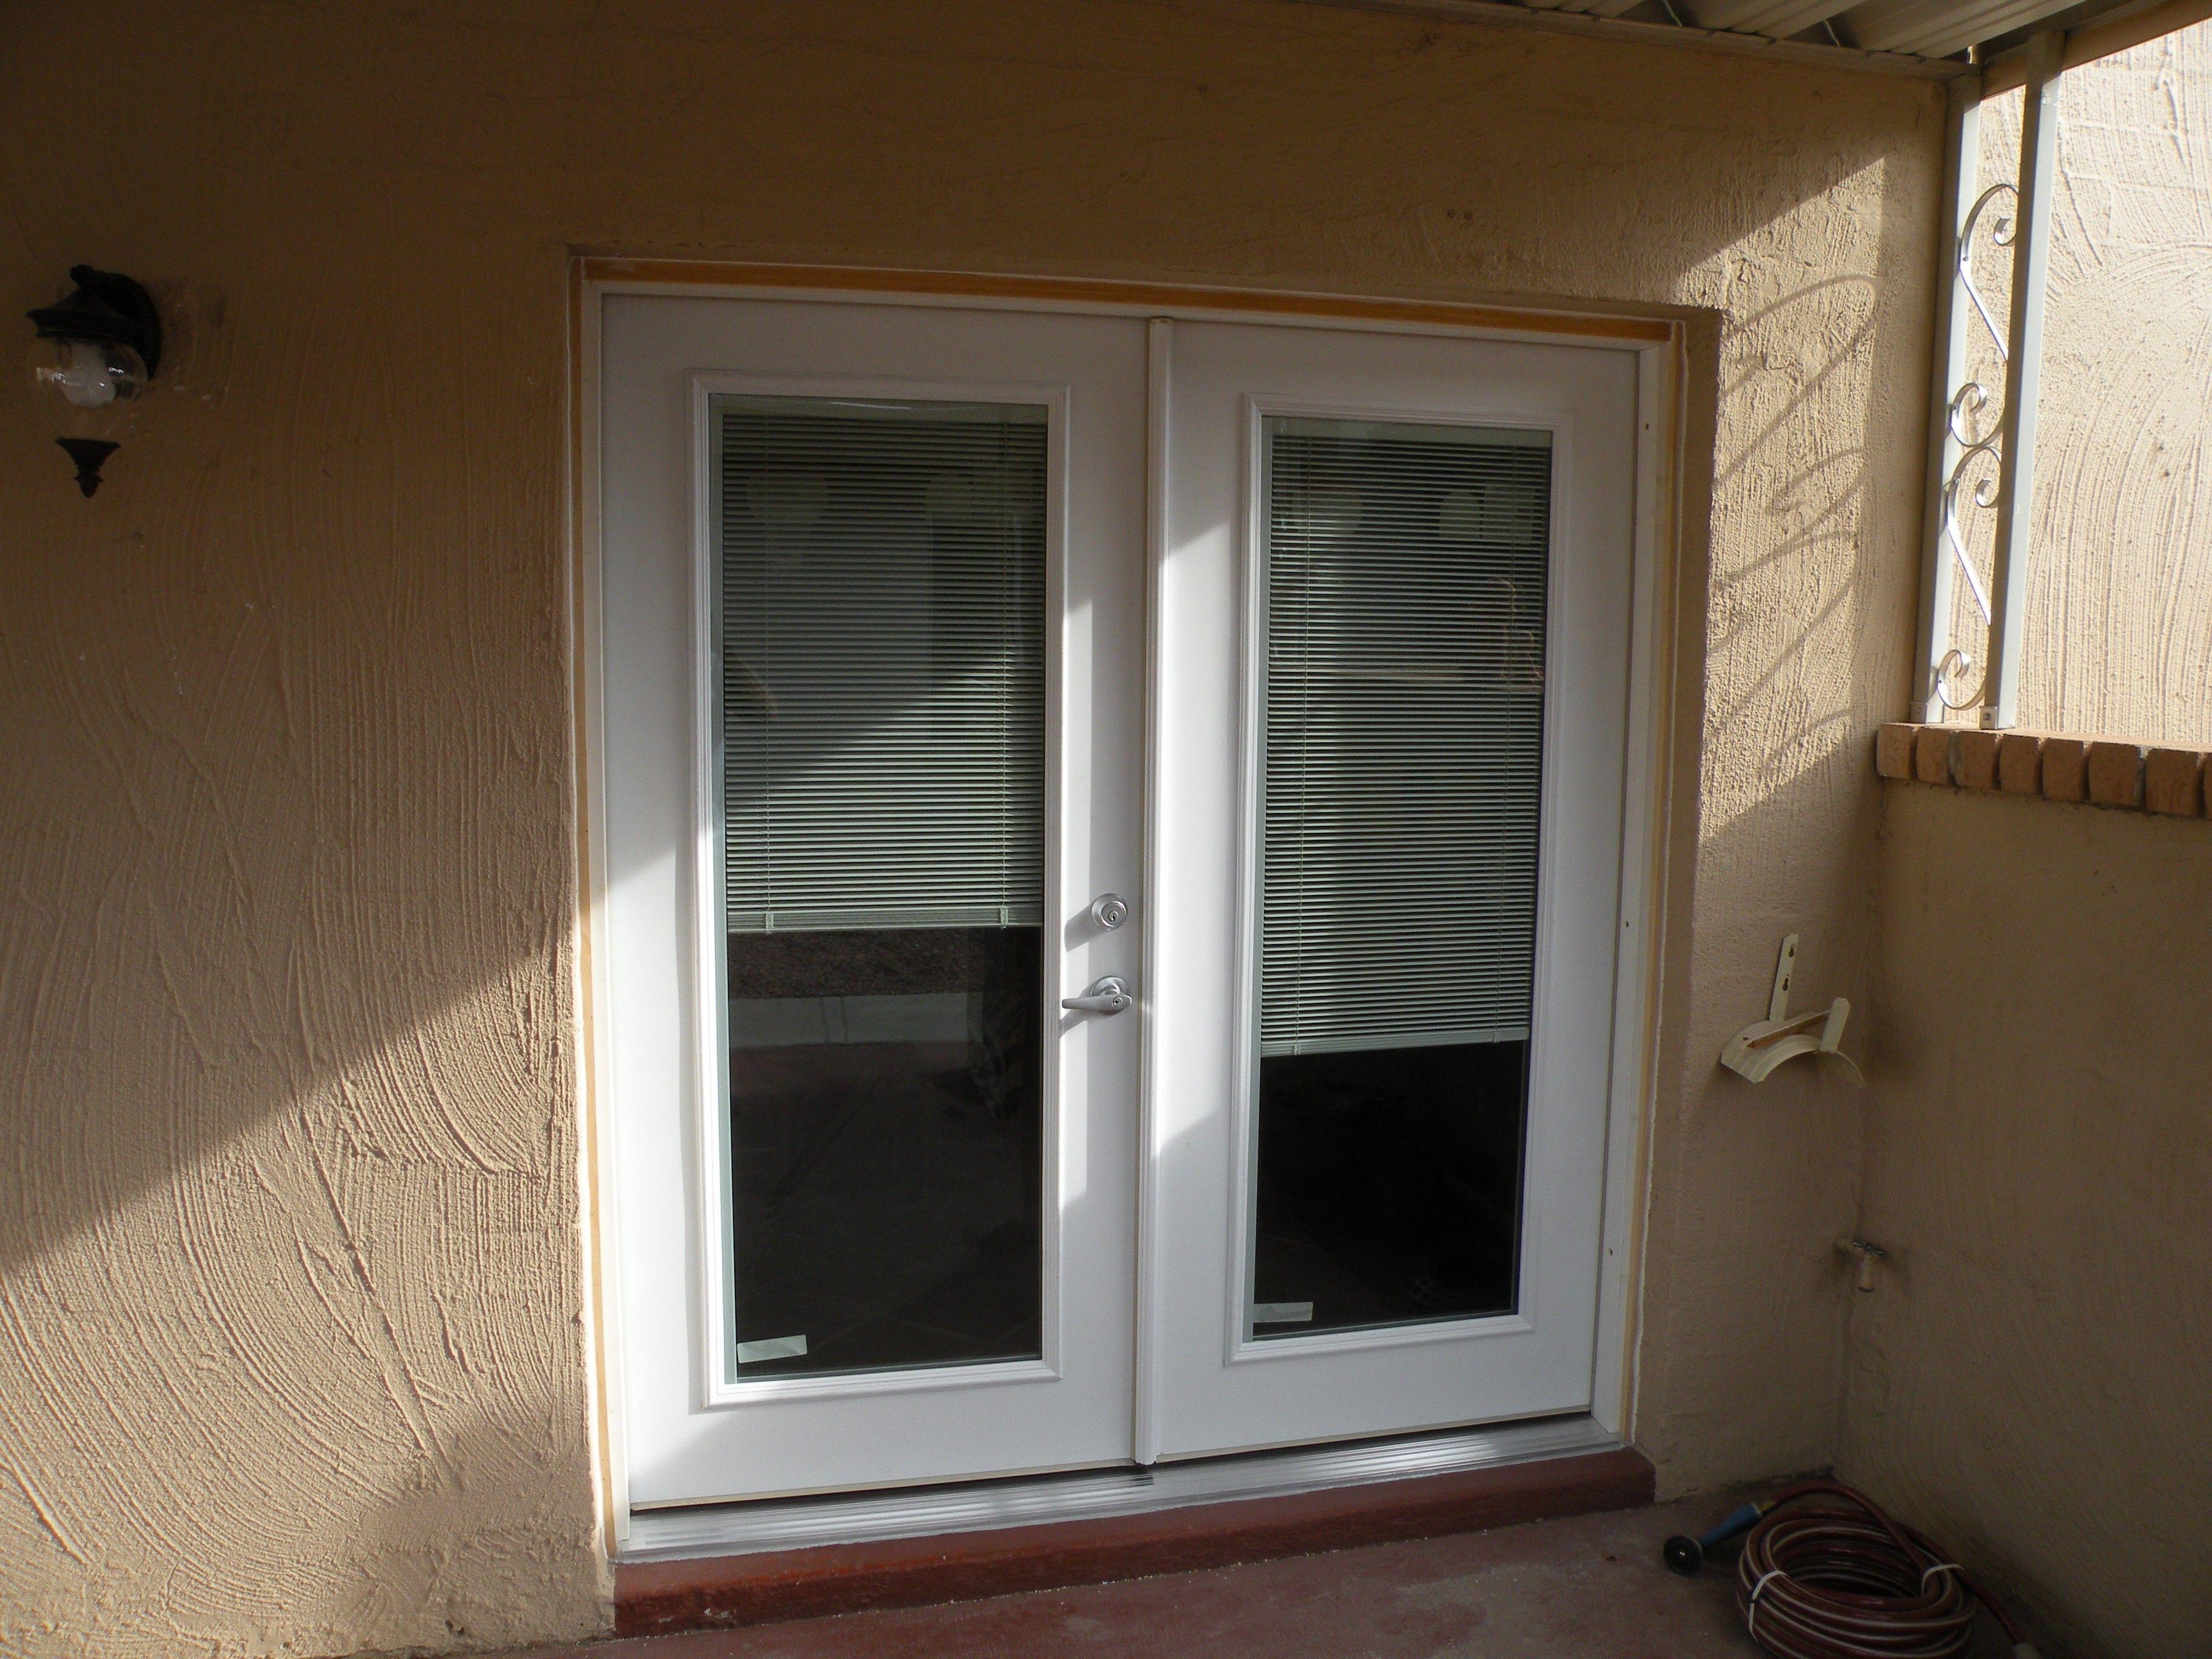 Bathroom Blinds Best Blinds For Sliding Glass Doors Blinds For